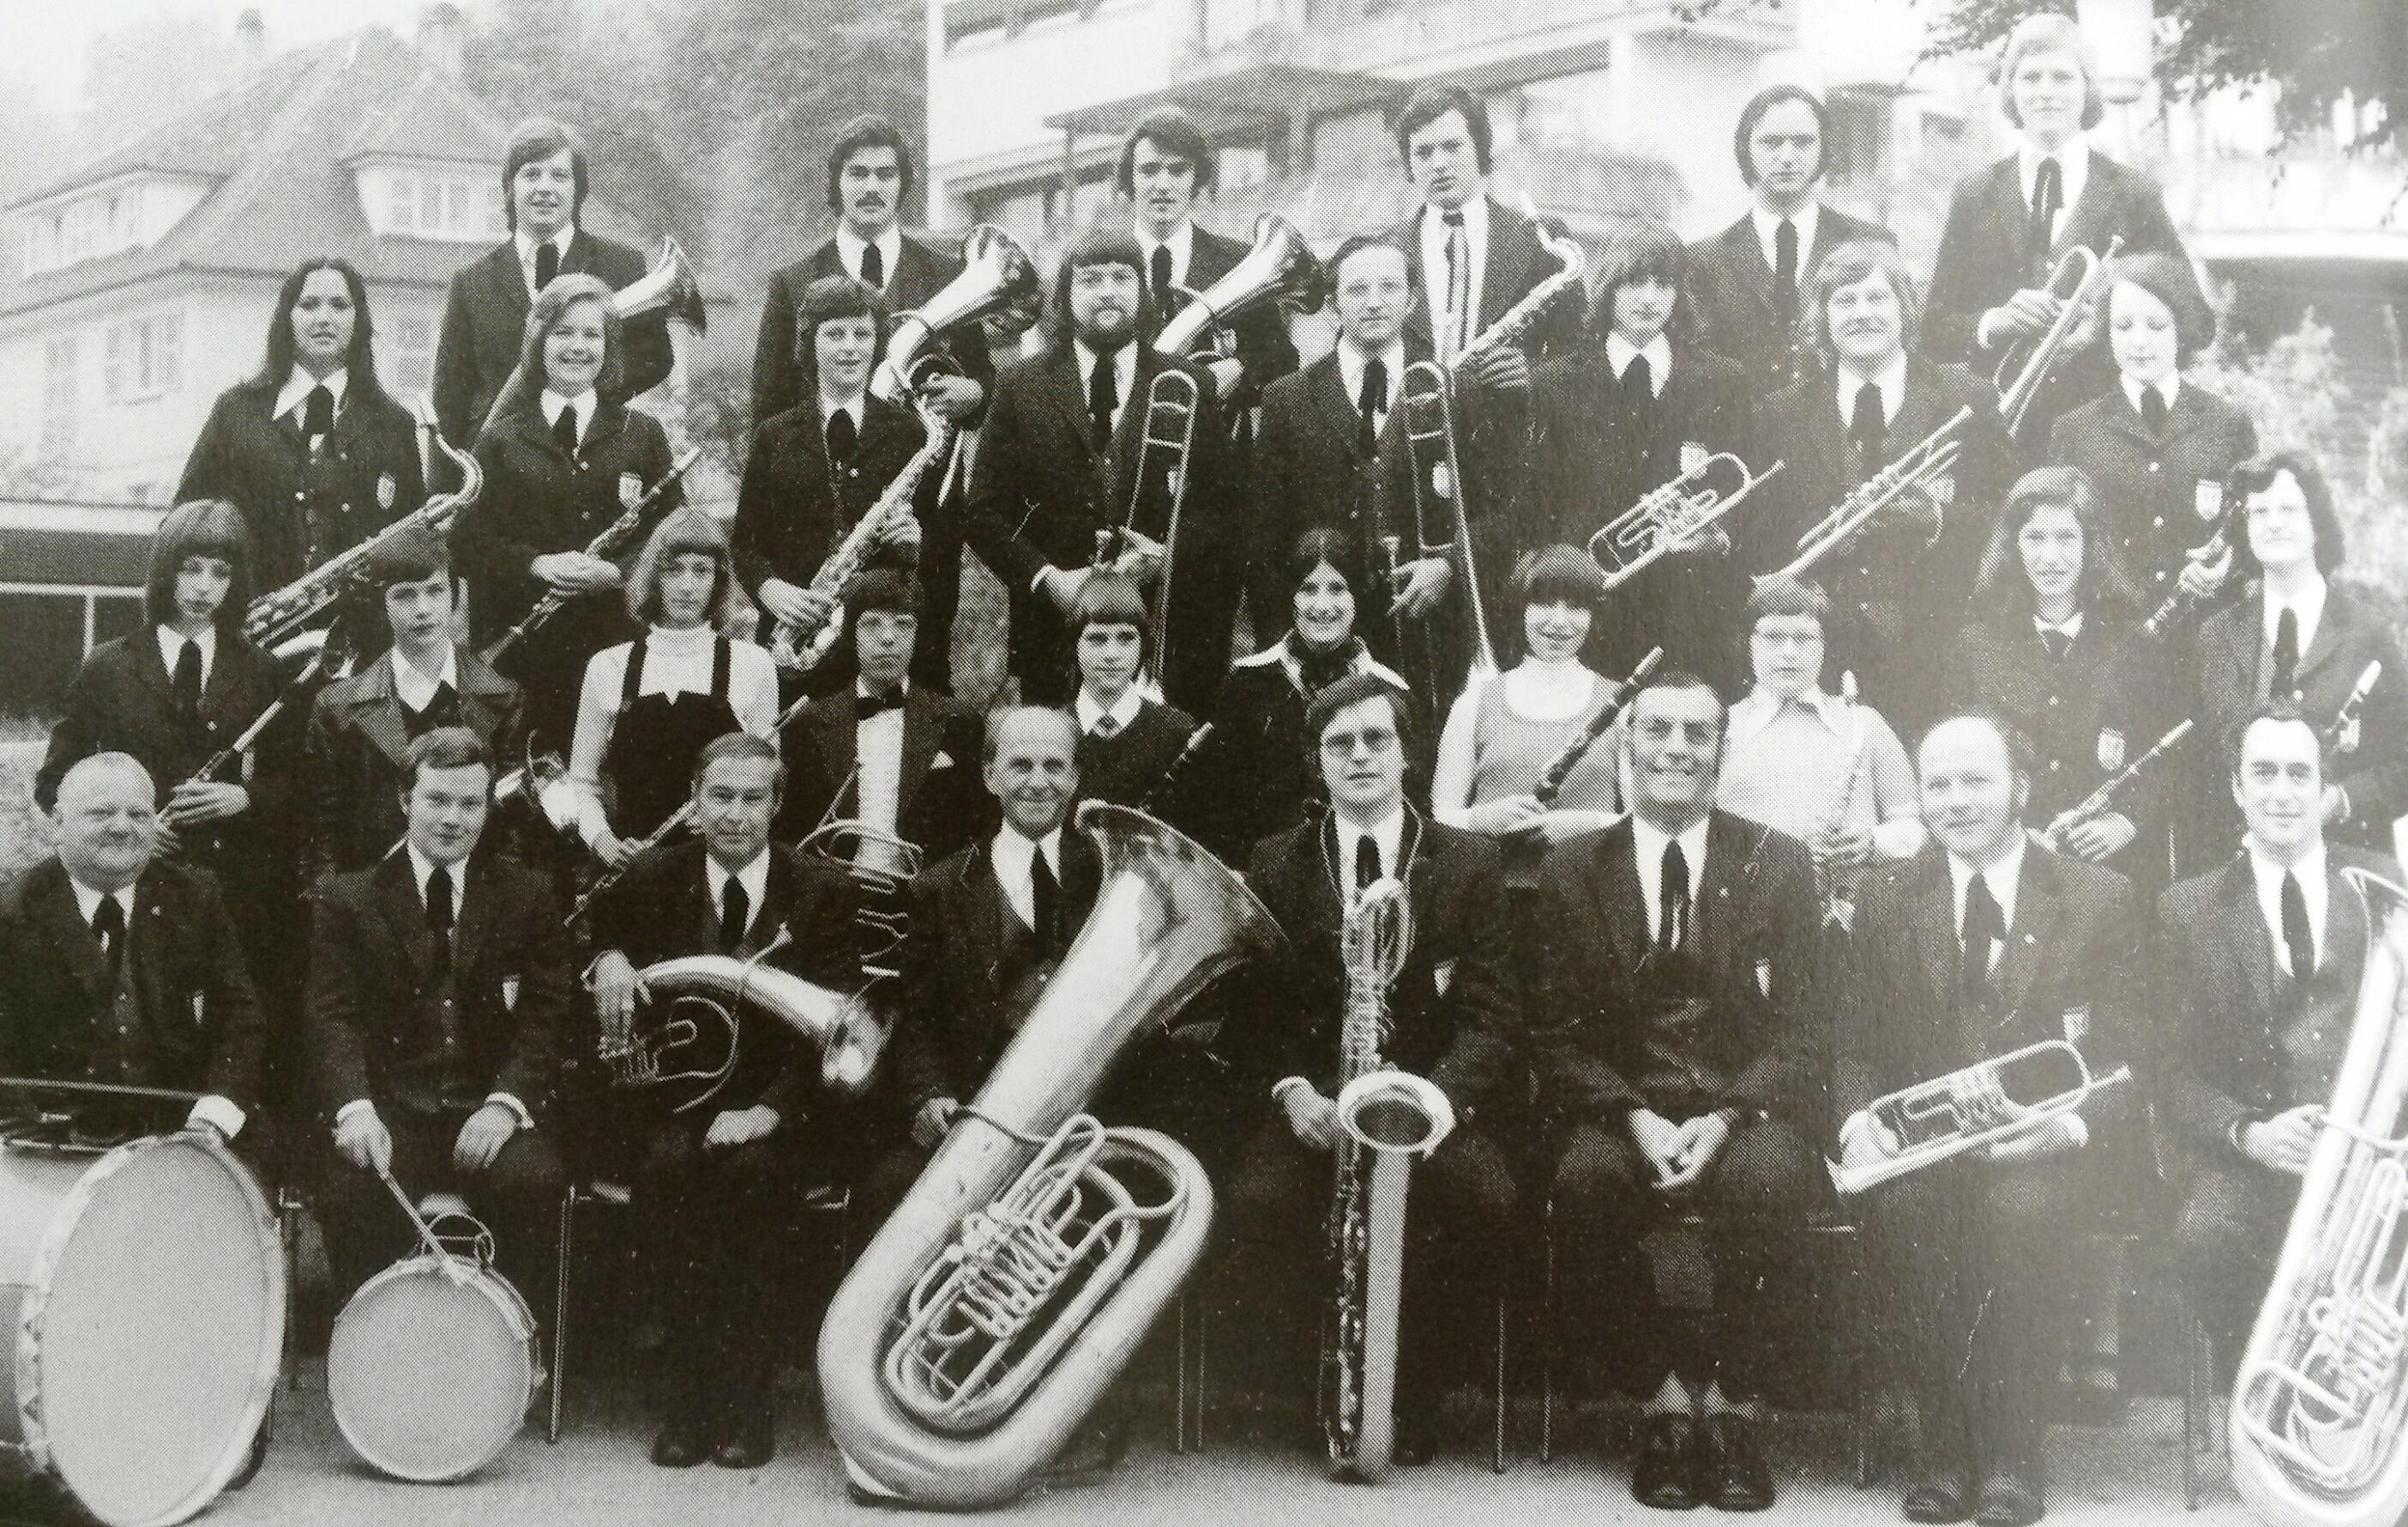 1975: Dirigent Paul Sauer